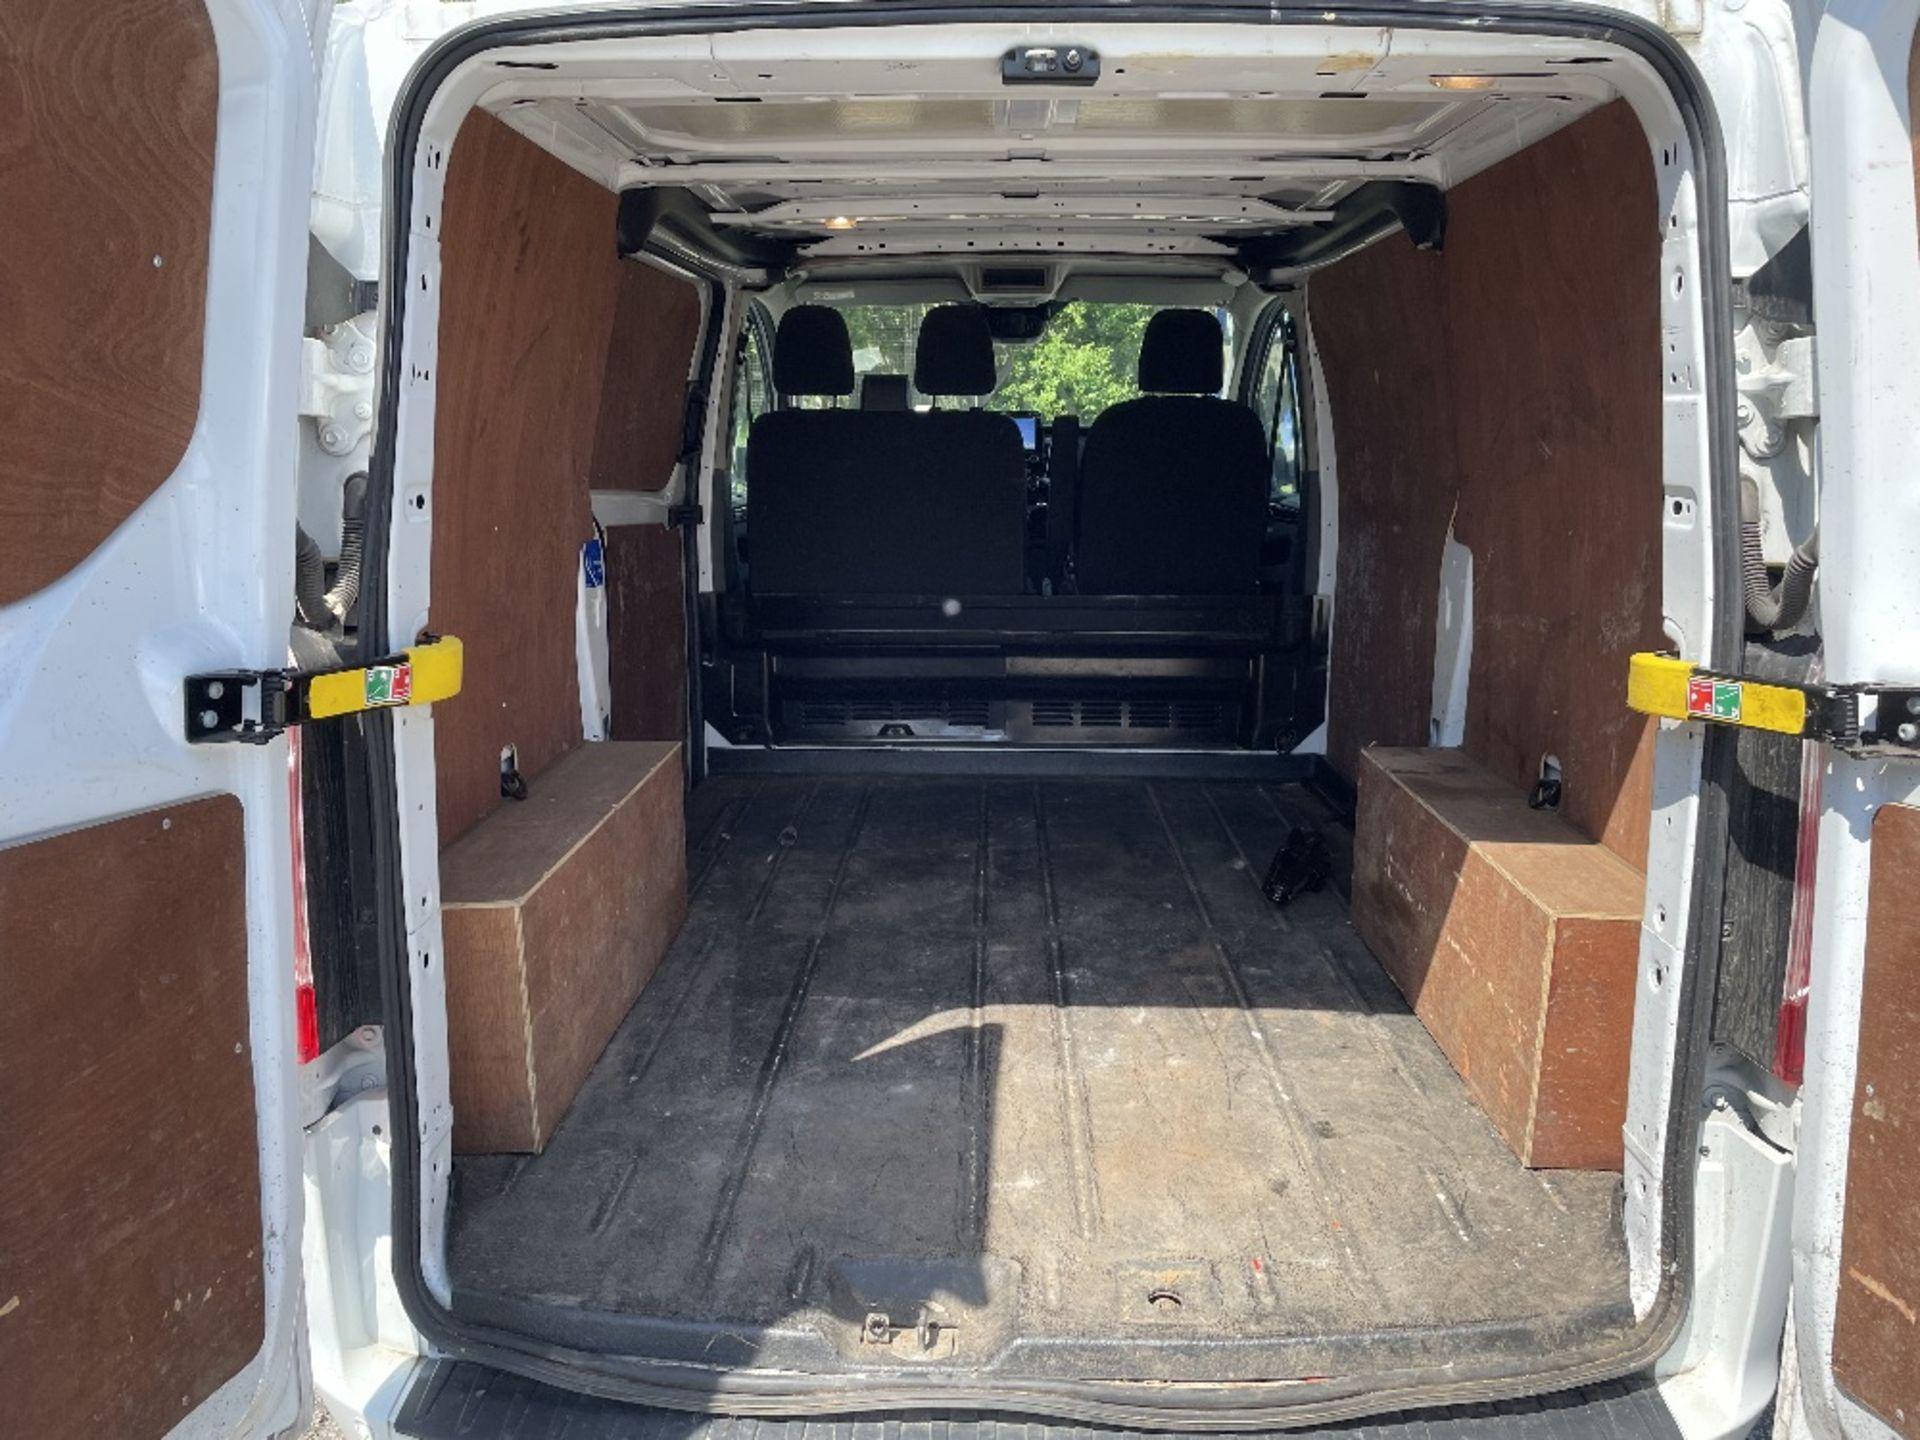 Ford Transit Custom 300 Limite Diesel Panel Van | 18 Plate | 35,672 Miles - Image 8 of 15